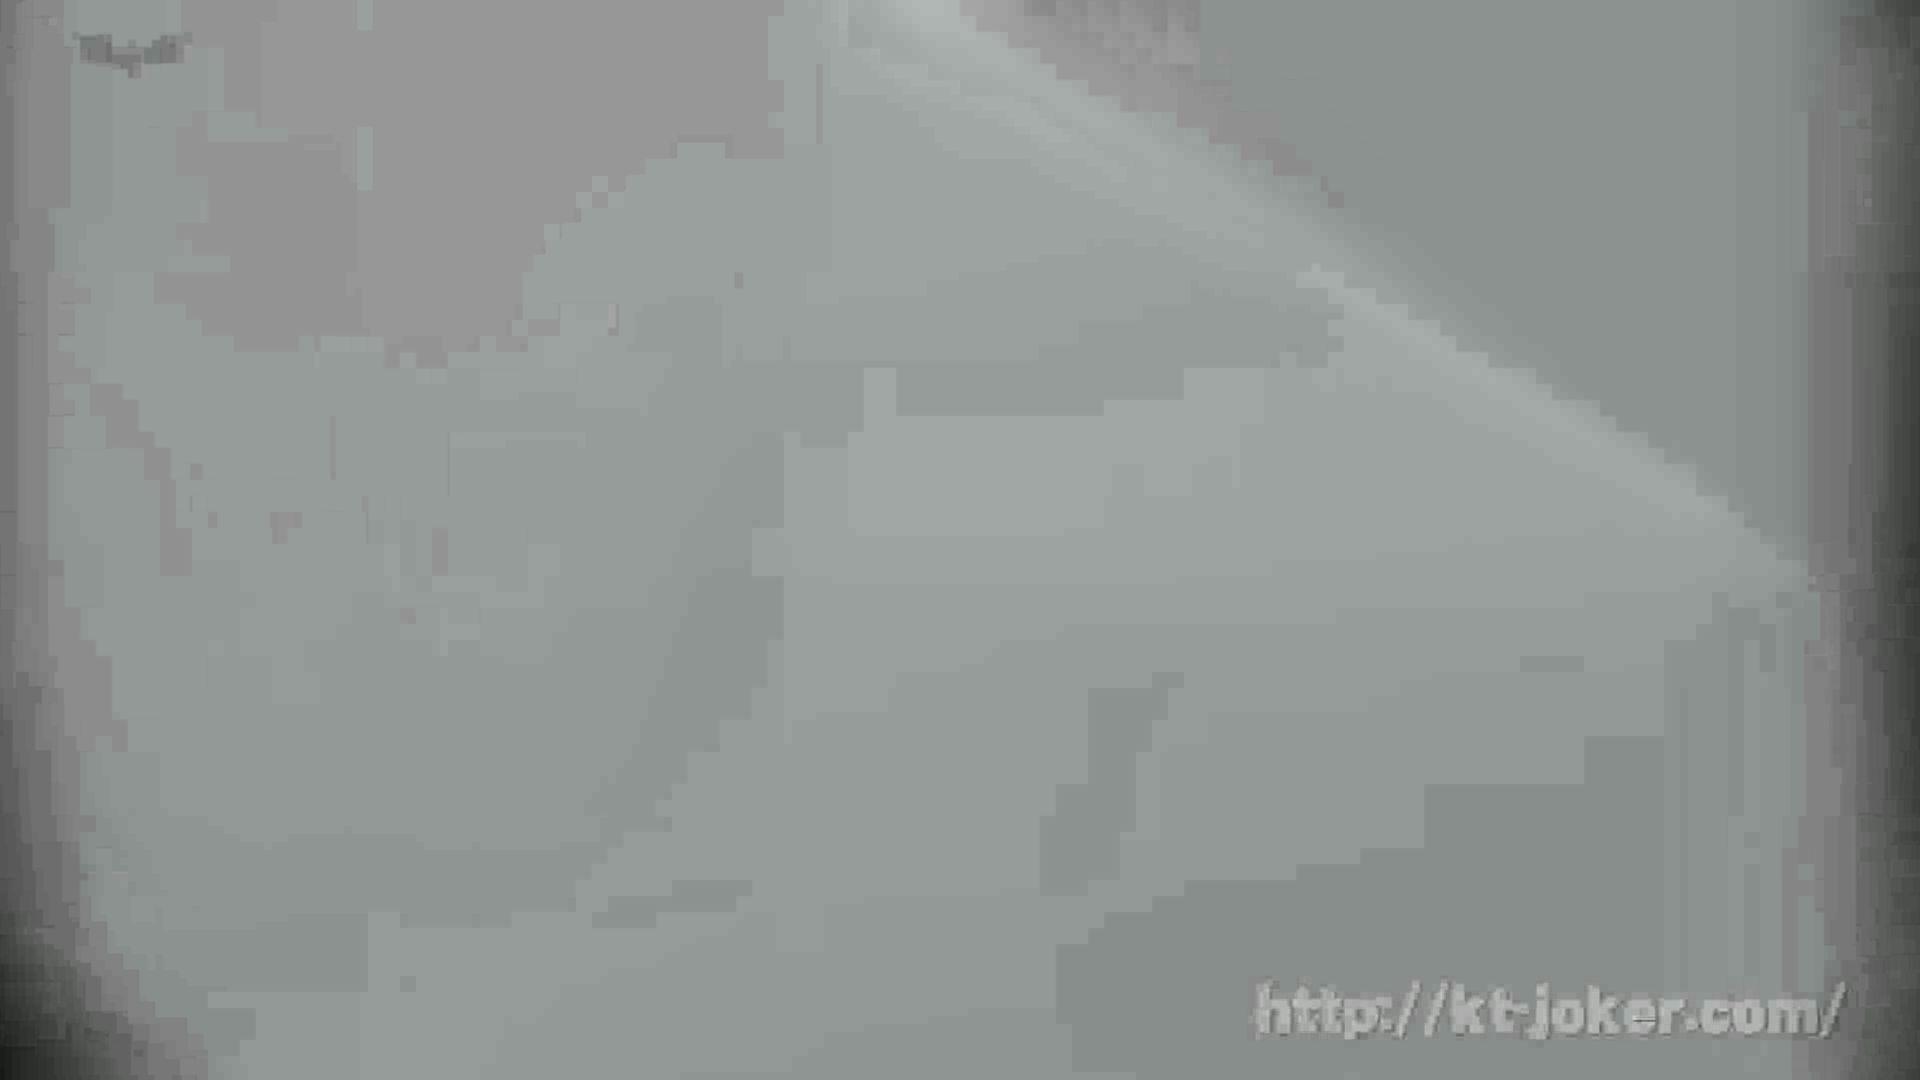 命がけ潜伏洗面所! vol.71 典型的な韓国人美女登場!! 美女 | プライベート  69連発 33